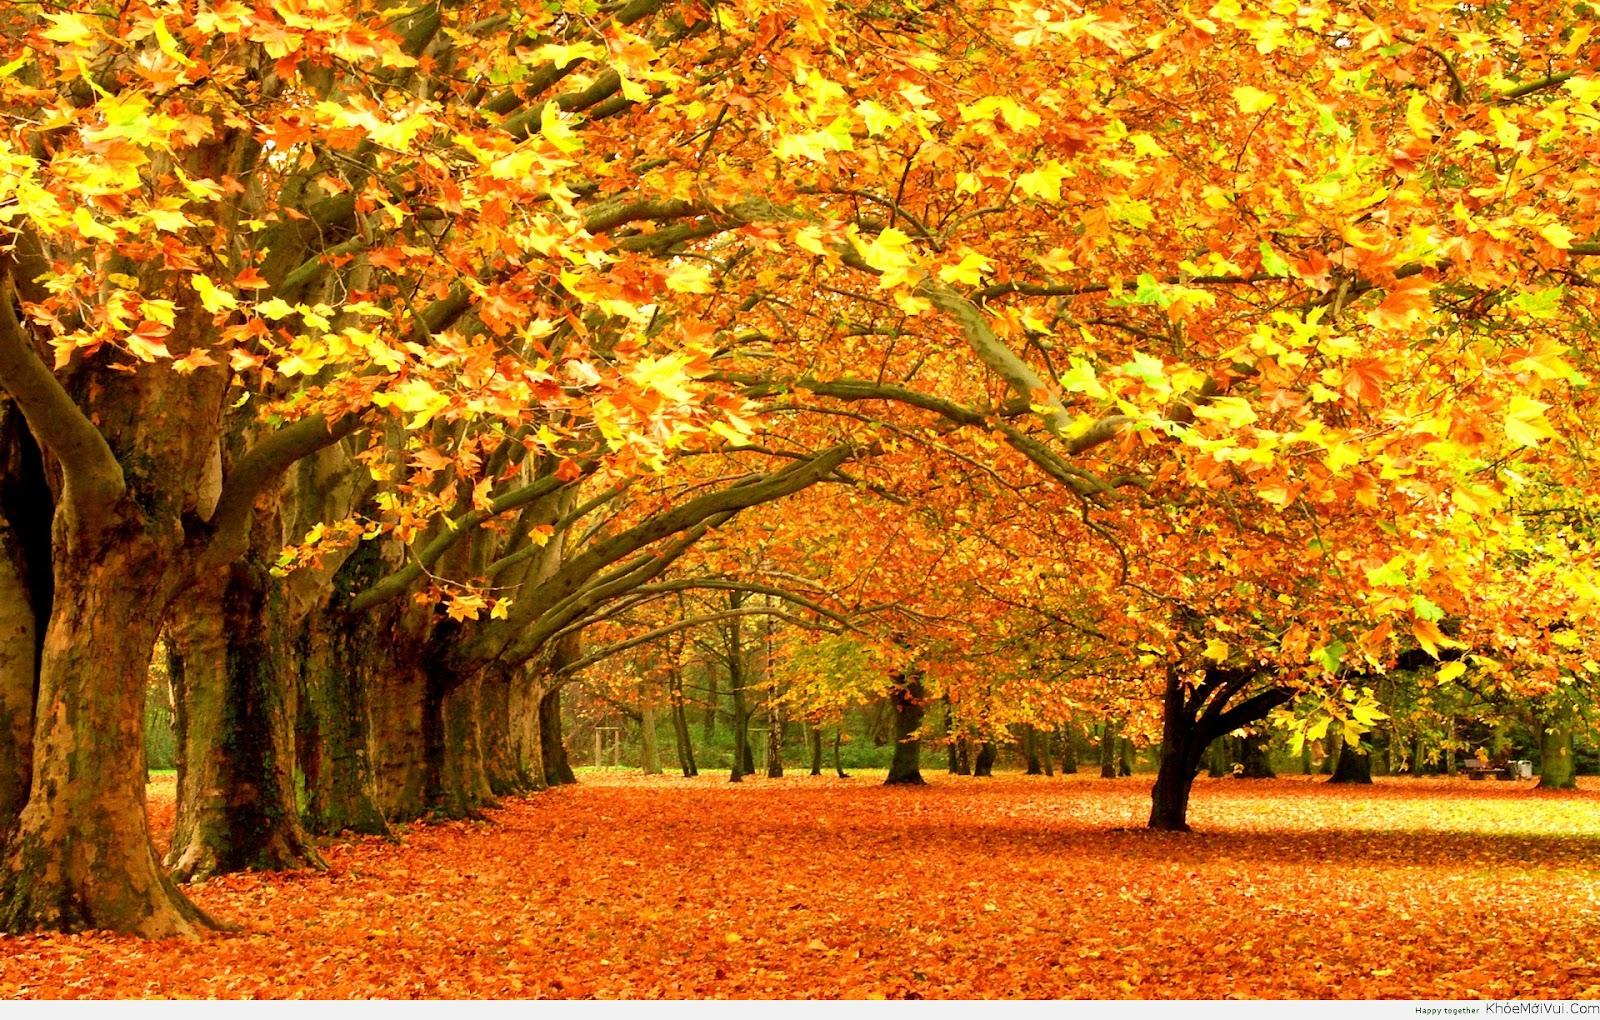 Mùa thu ở Đức khiến cho người ta hoài niệm về một thời xa xưa, bình yên